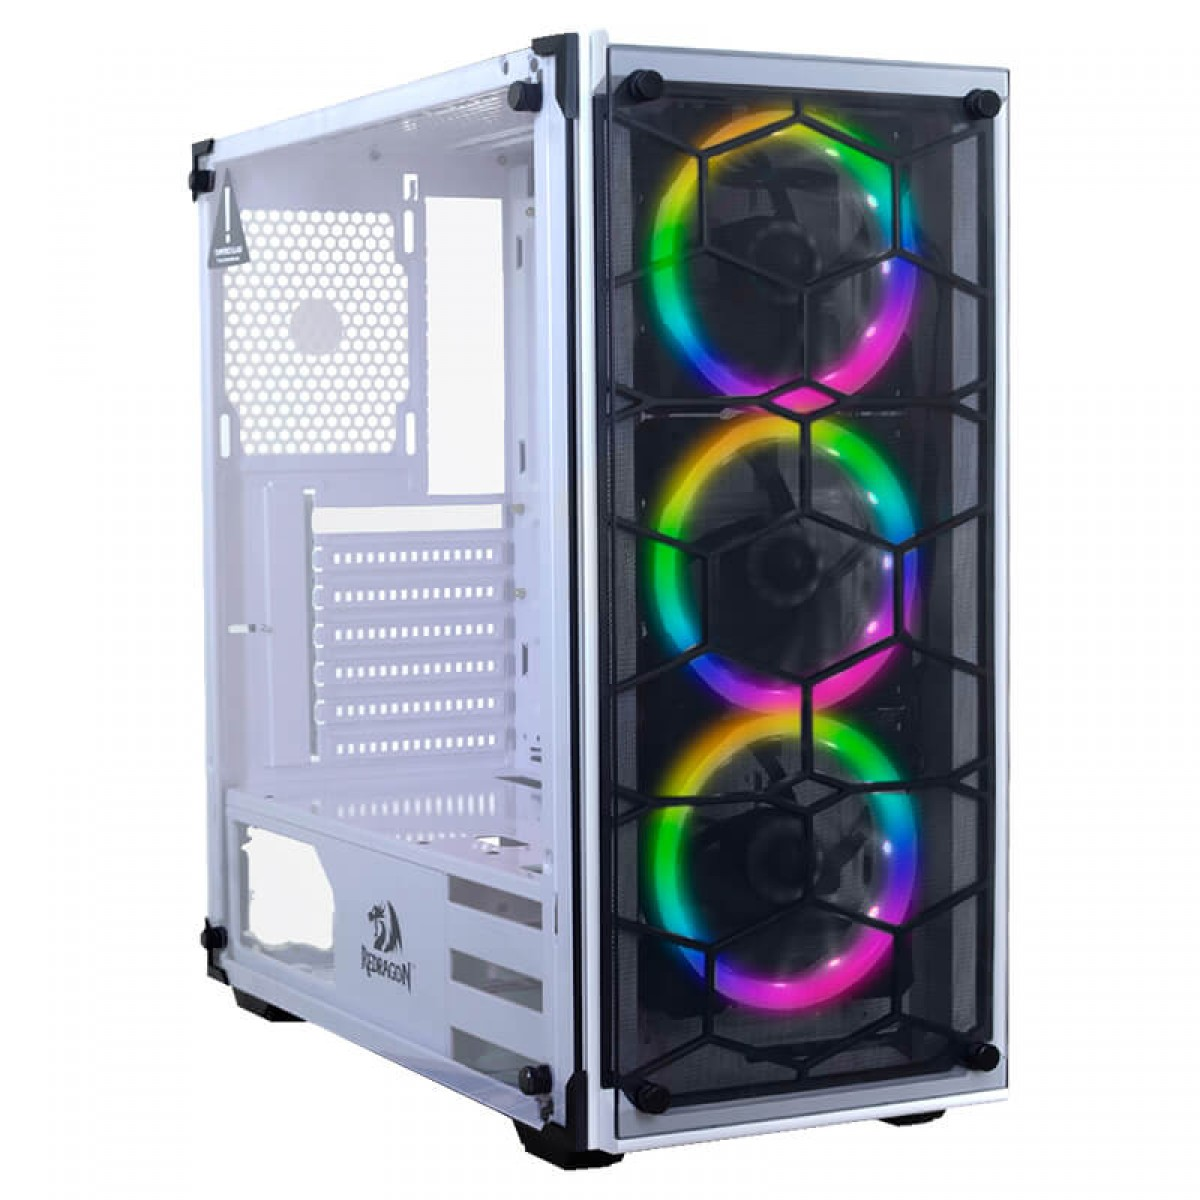 Pc Gamer Super Tera Edition AMD Ryzen 5 3600X / GeForce RTX 2060 Super / DDR4 8GB / HD 1TB / 600W